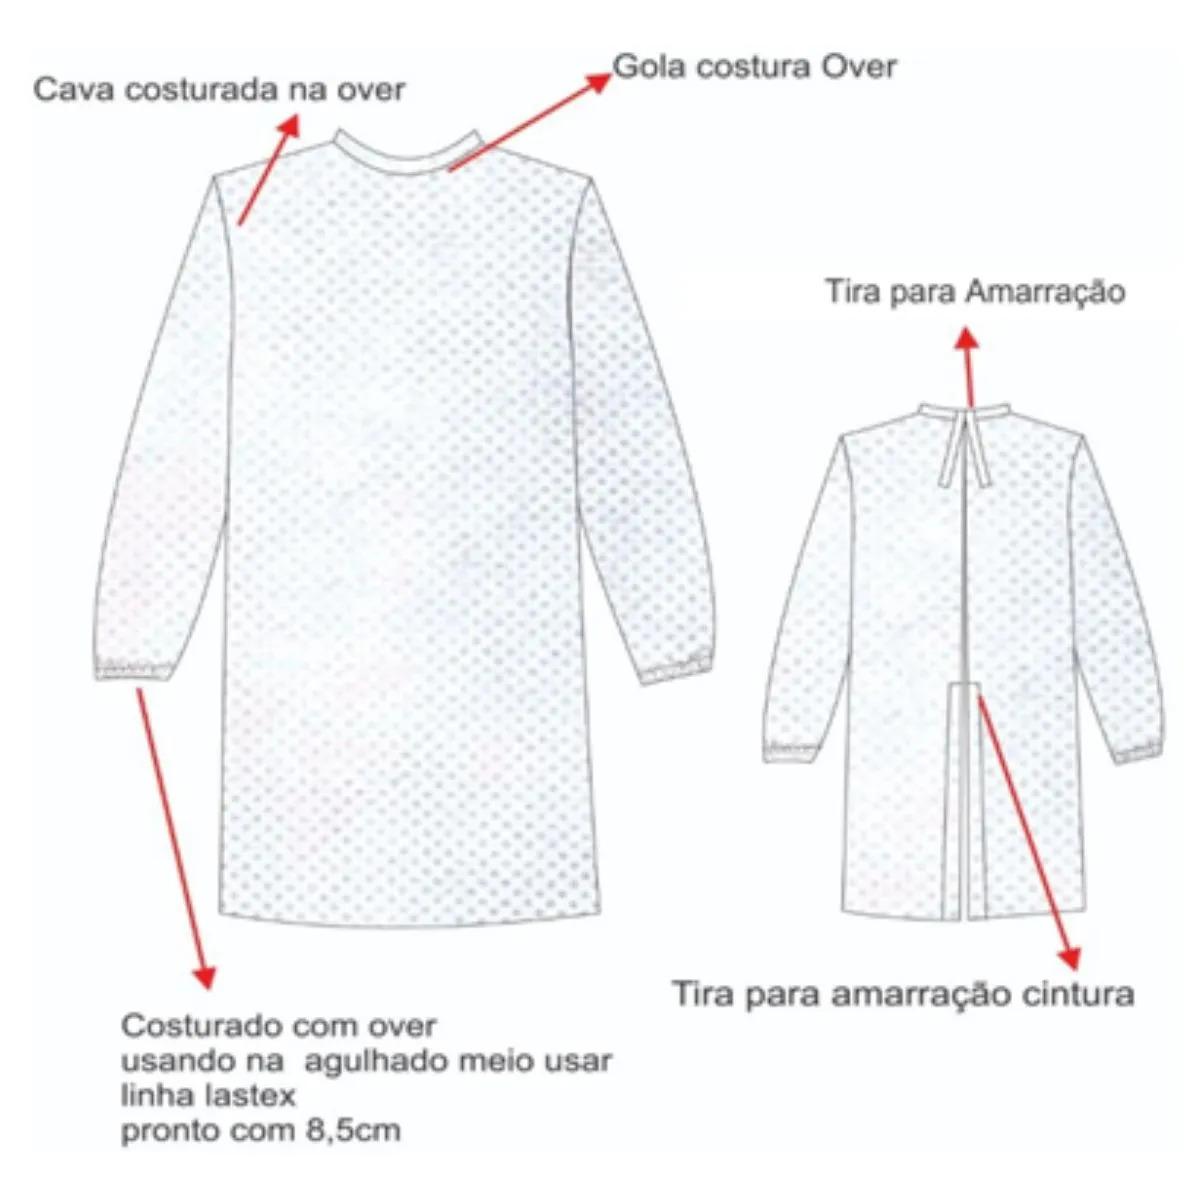 AVENTAL DESCARTÁVEL MANGA LONGA – Pacote com 100 aventais - gramatura 30g